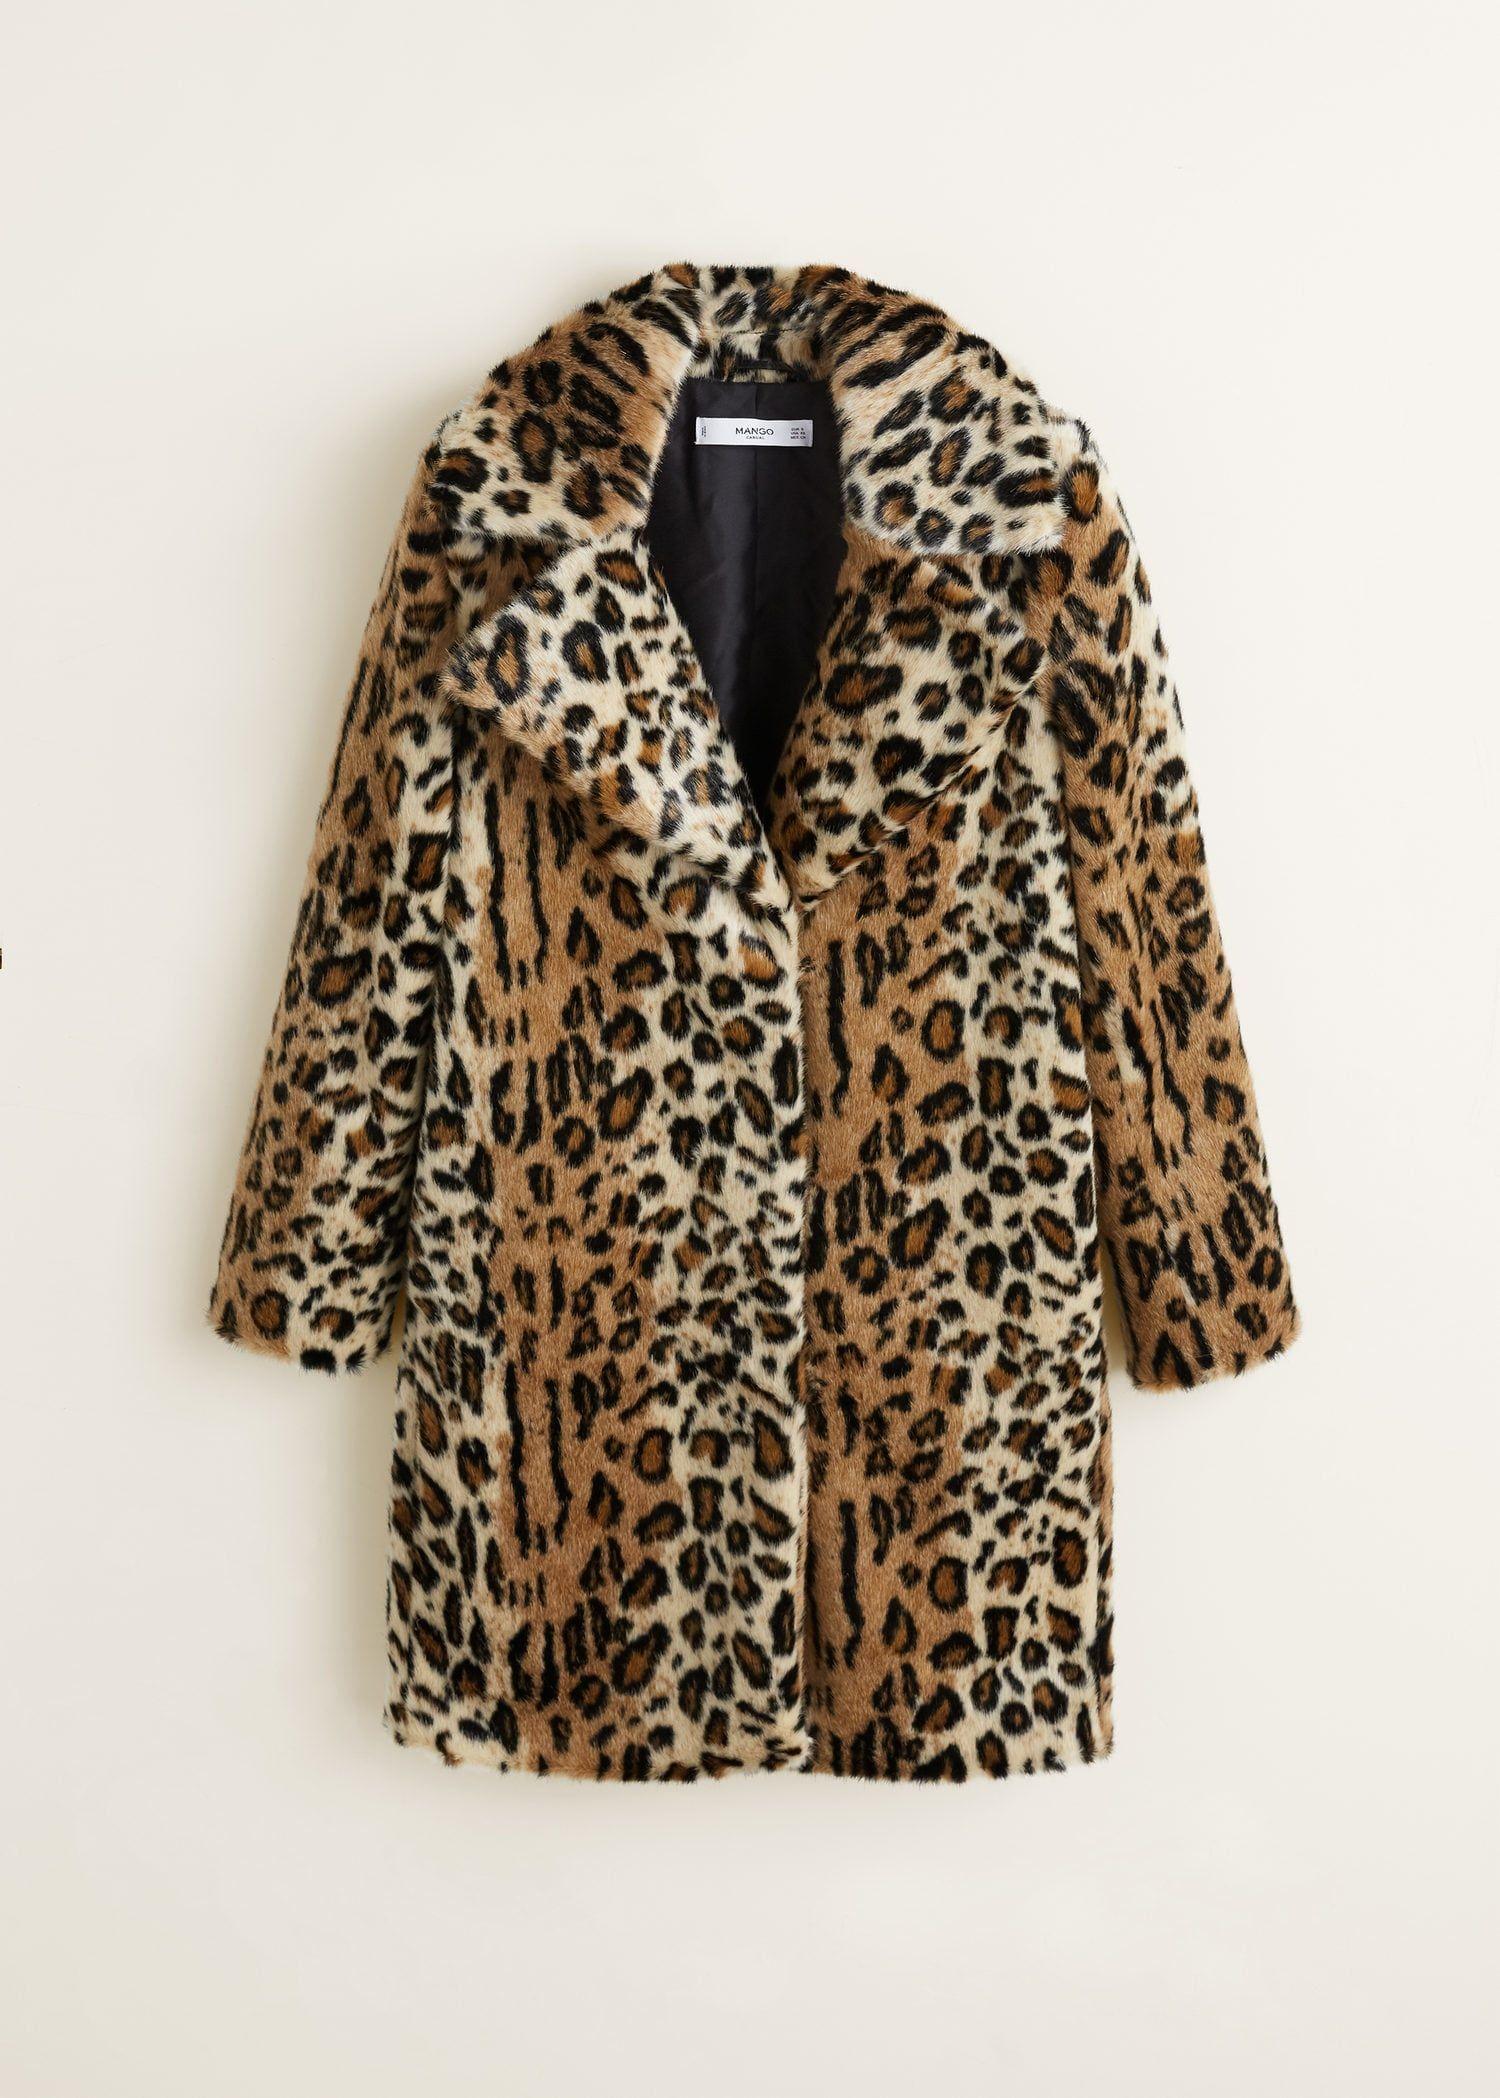 51101c291bbd Leopard faux-fur coat - Women en 2019 | Wish List | Leopard print ...